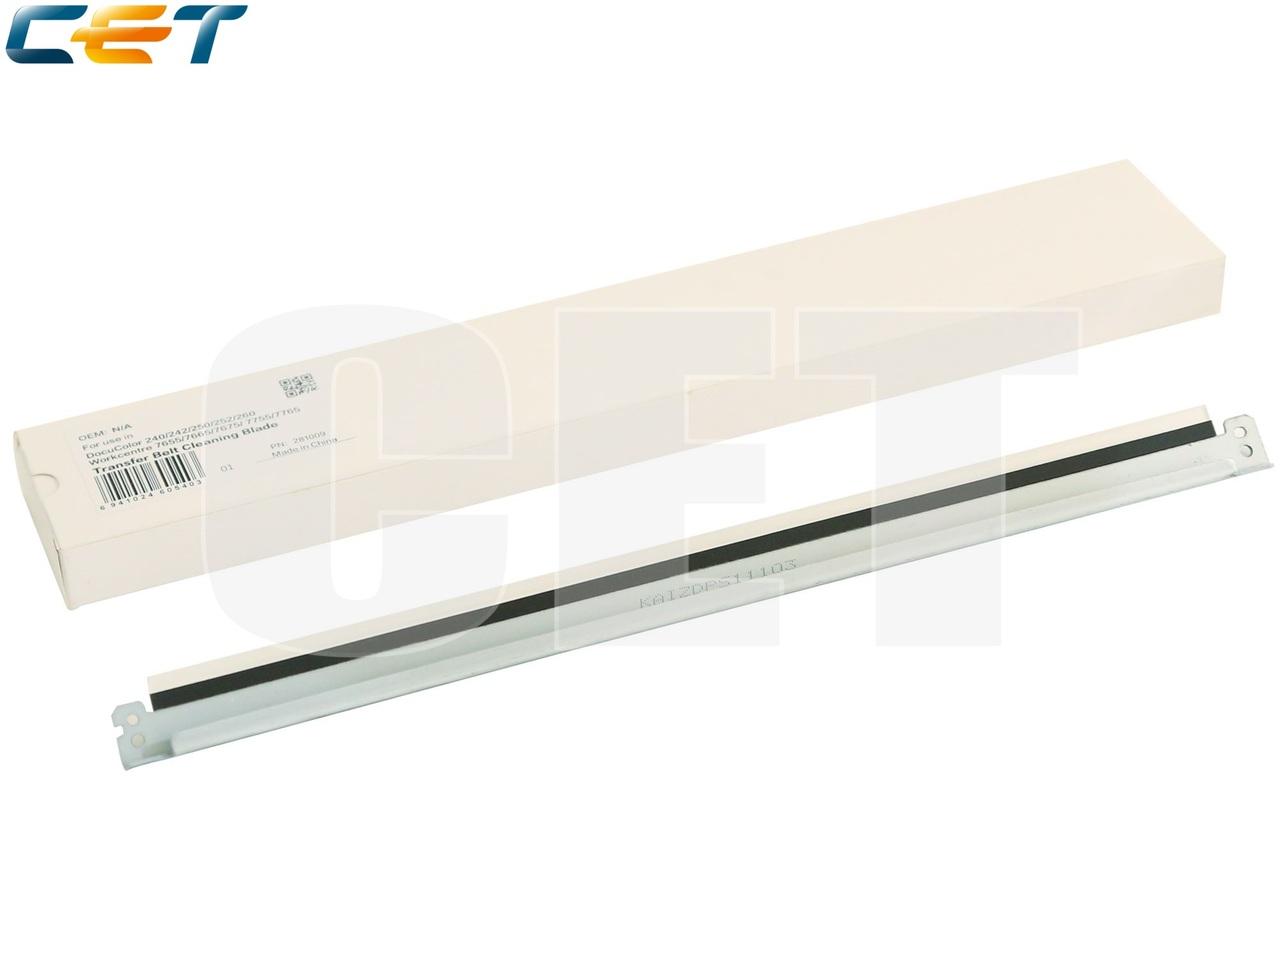 Лезвие очистки ленты переноса 033K94682 для XEROXWorkCentre 7655/7665 (CET), CET281009